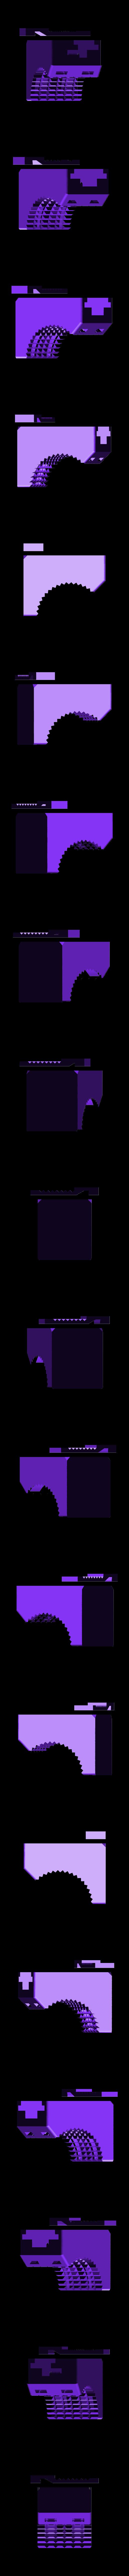 29mm_snapfit_handle_base_remix.stl Télécharger fichier STL gratuit poignée encliquetable pour montage sur barre (moletée, 22mm-34mm) • Objet imprimable en 3D, CyberCyclist